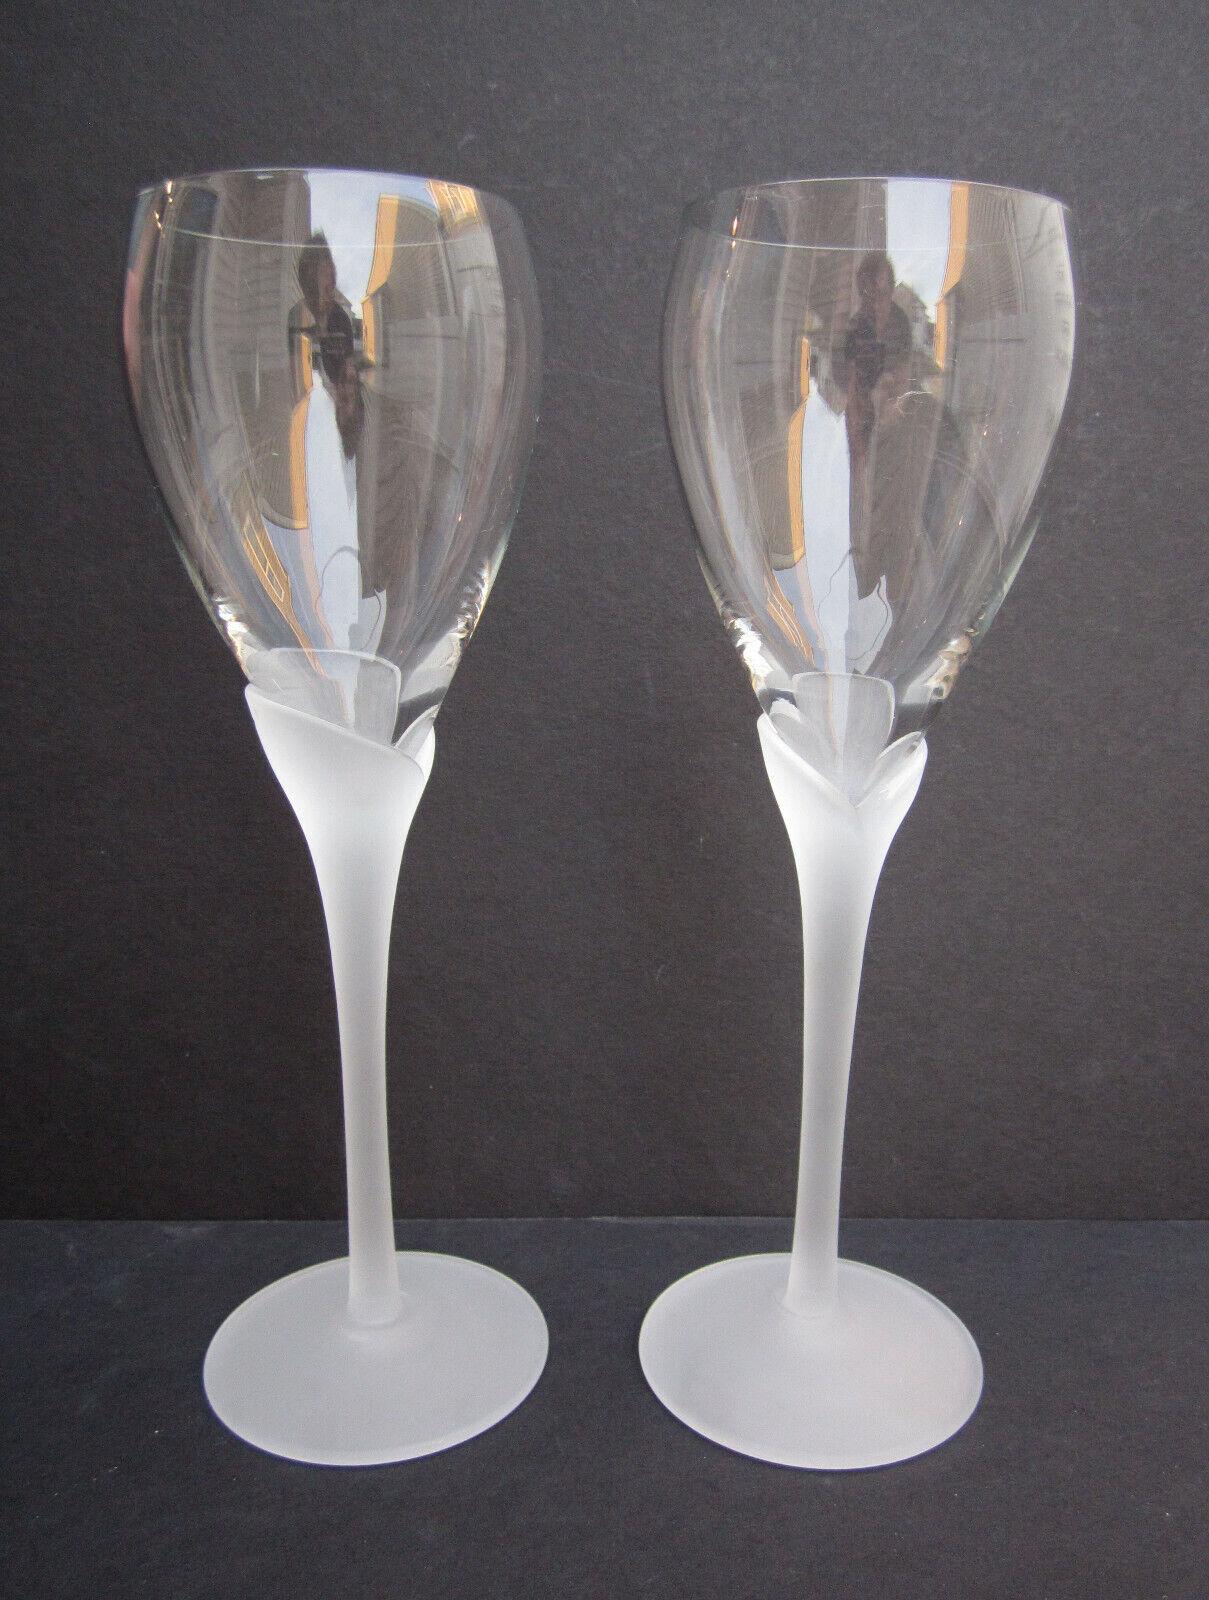 2 ROSENTHAL CALICE givré tige chopes de vin Lunettes 8-7 8  H. X 2-3 4  D. excellent état utilisé